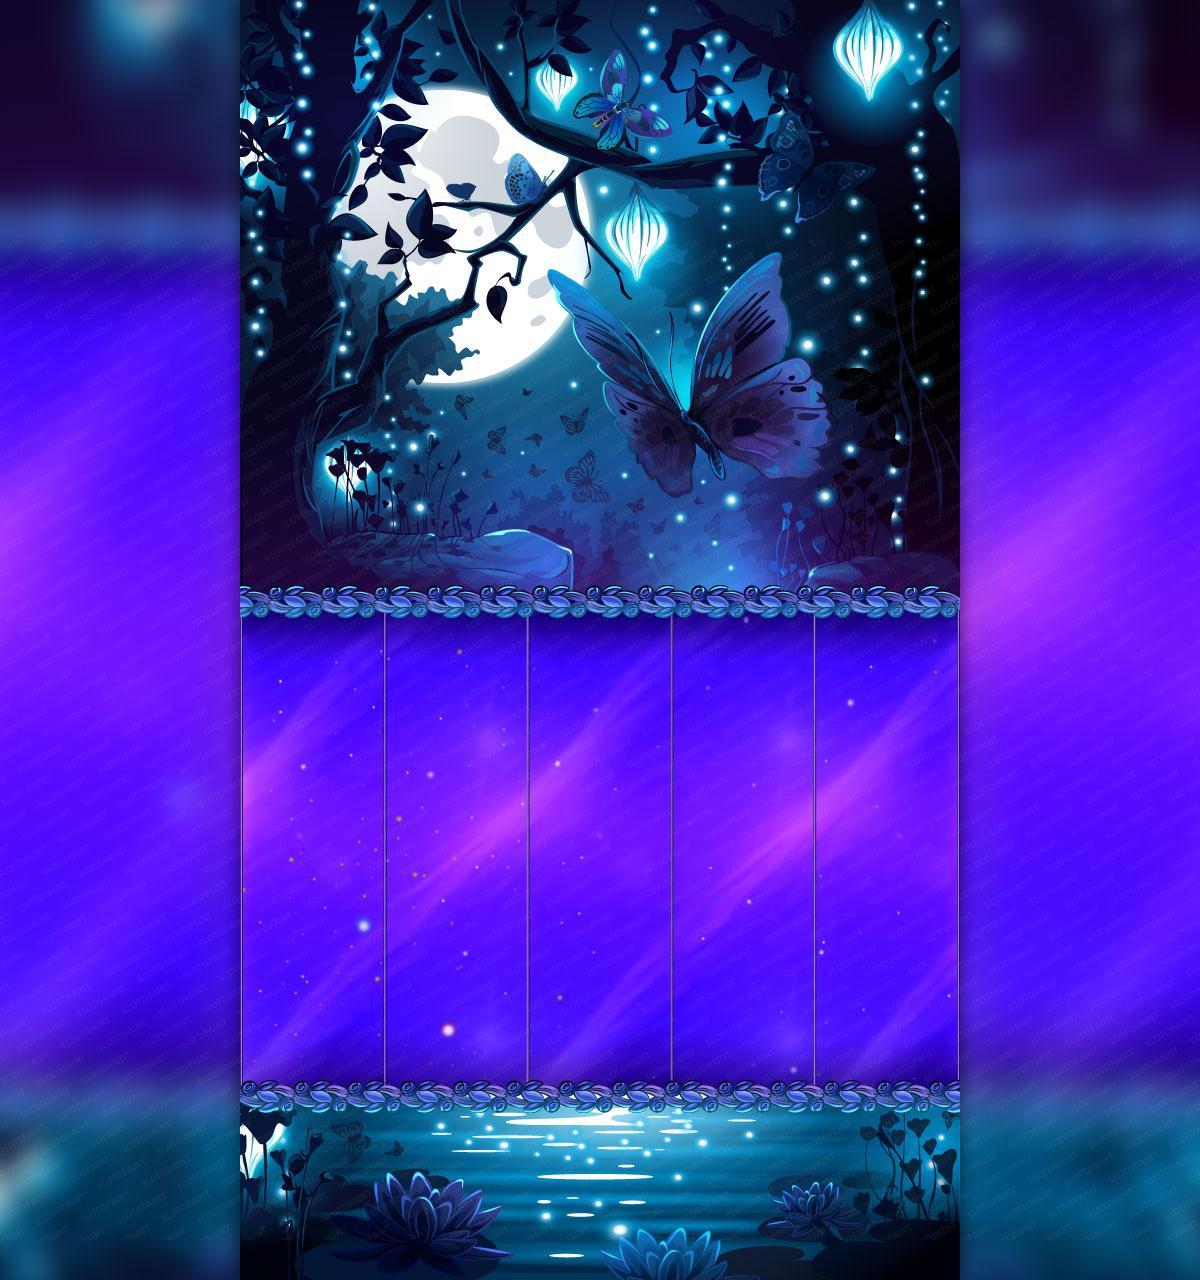 butterfly_jackpot_blog_background